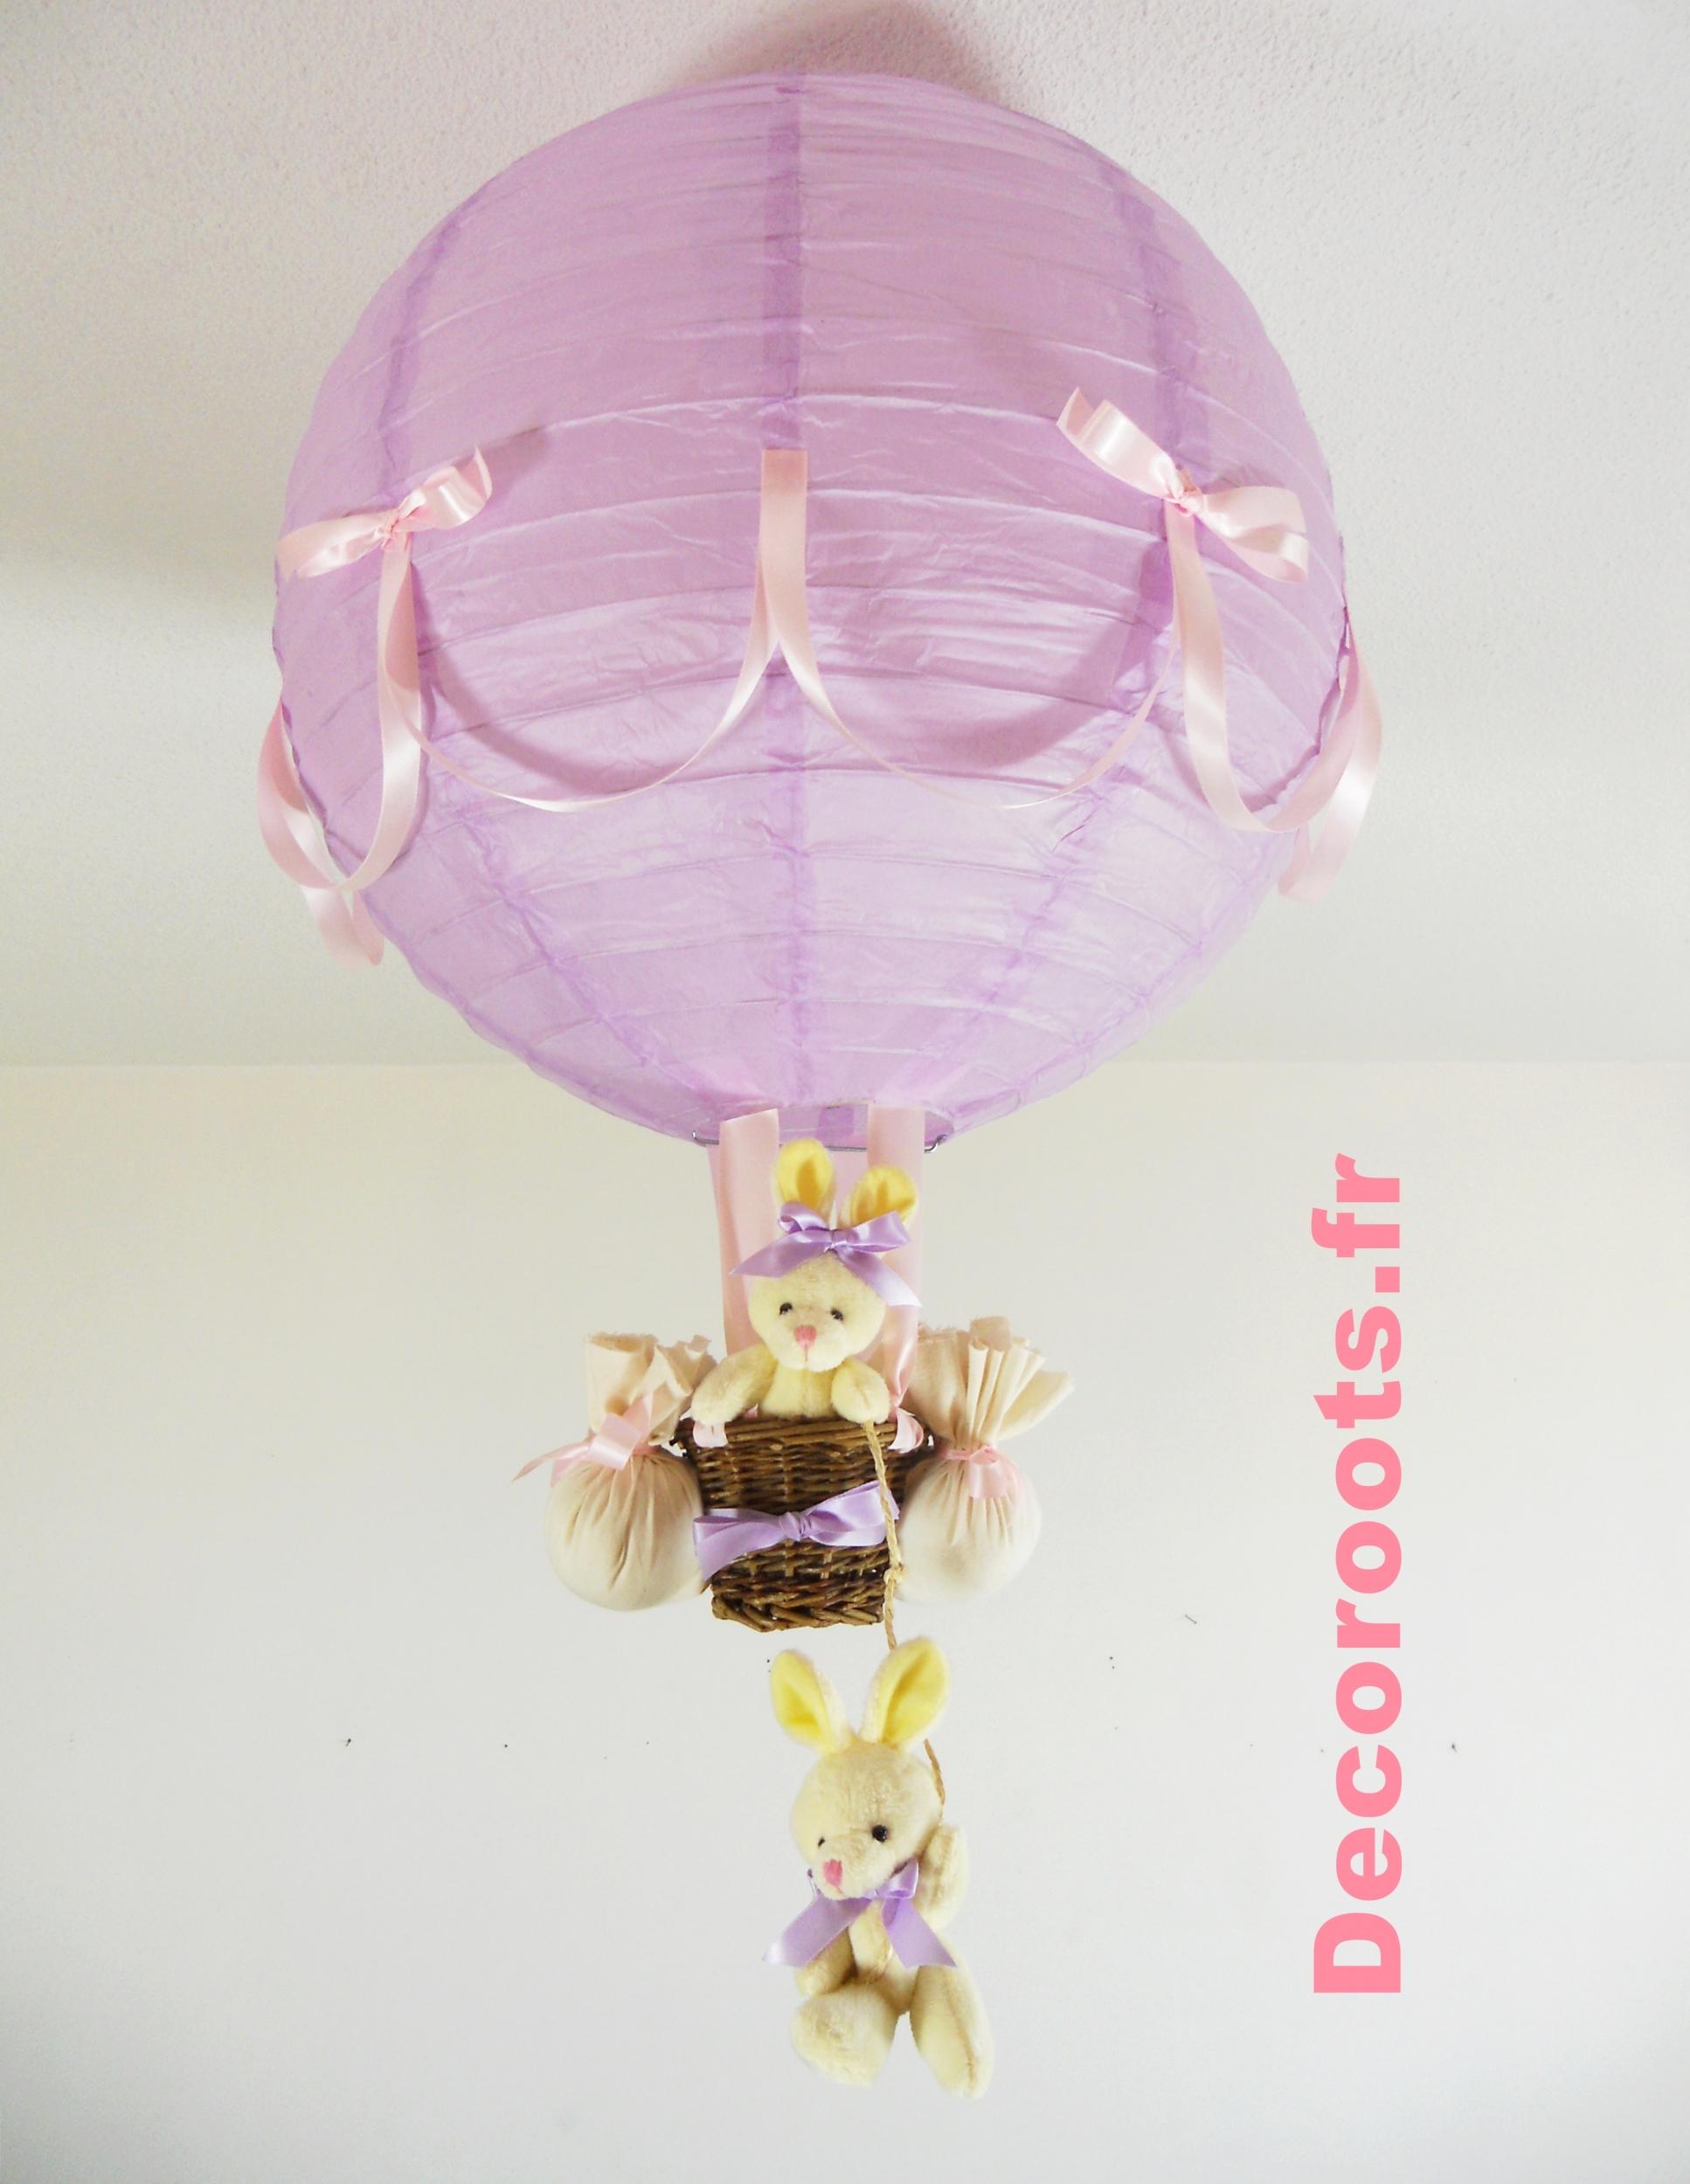 lampe montgolfi re enfant b b lapin violet parme rose. Black Bedroom Furniture Sets. Home Design Ideas